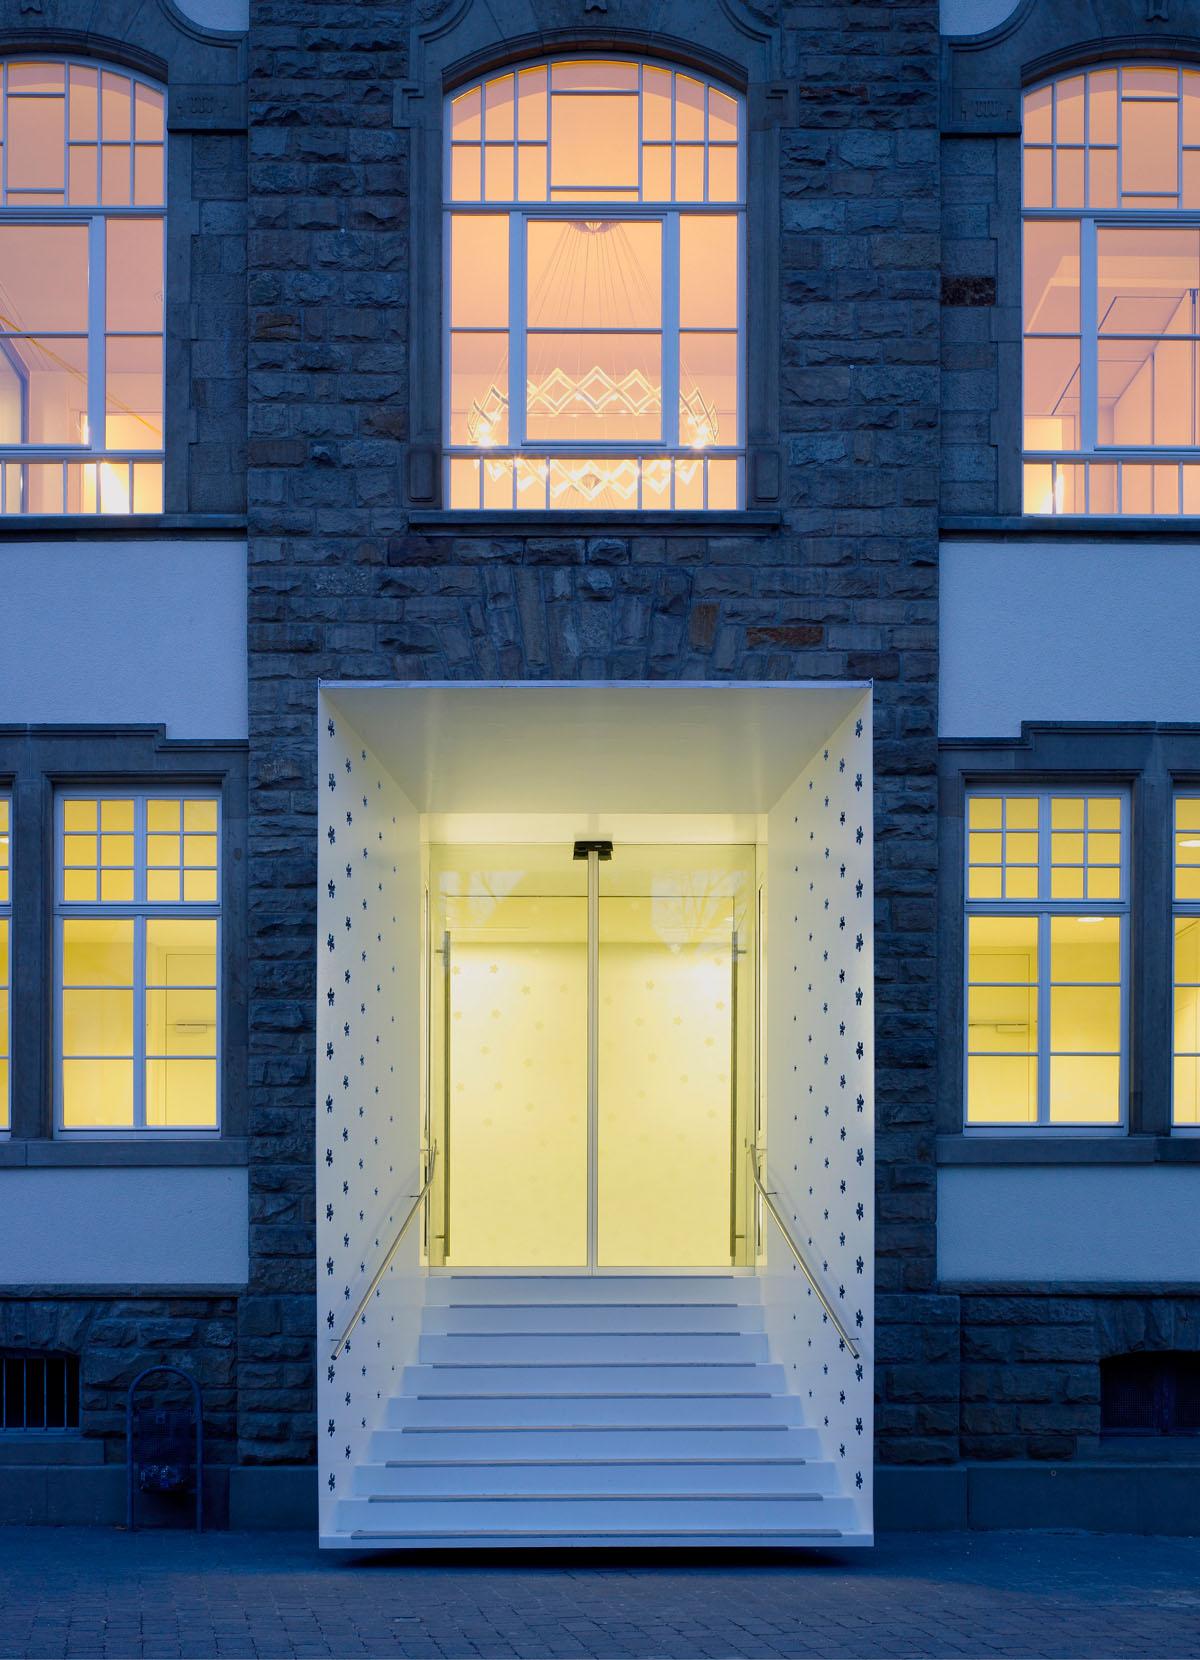 Foto des Haupteingangs des neuen evangelischen Gemeindezentrums Lutherhaus der Kirche in Hockenheim. Der Haupteingang schiebt sich in die Straßenflucht in Form eines eckigen Trichter. Er ist in weiß gehalten und mit einer Perforierung von Rosen, dem Wappen Luthers, überzogen.